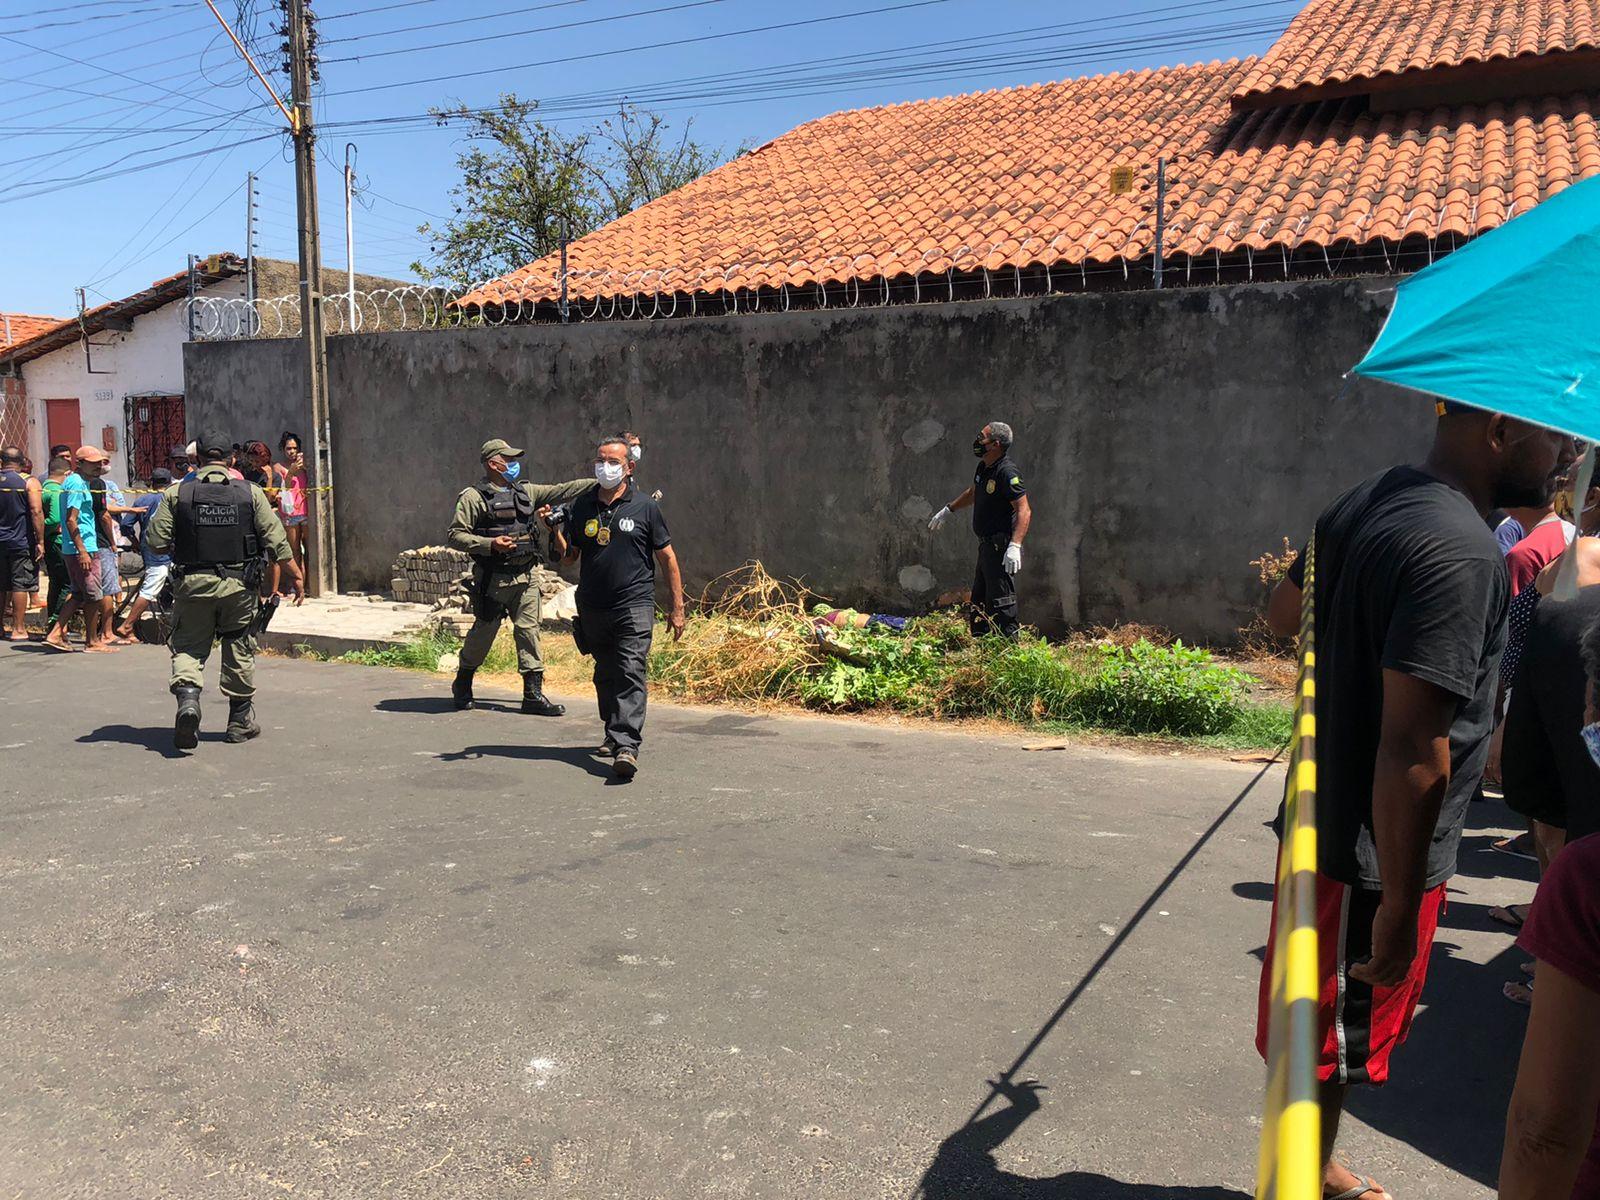 Corpo foi encontrado na calçada de casa em Teresina - Foto: Matheus Oliveira/ Portal MN